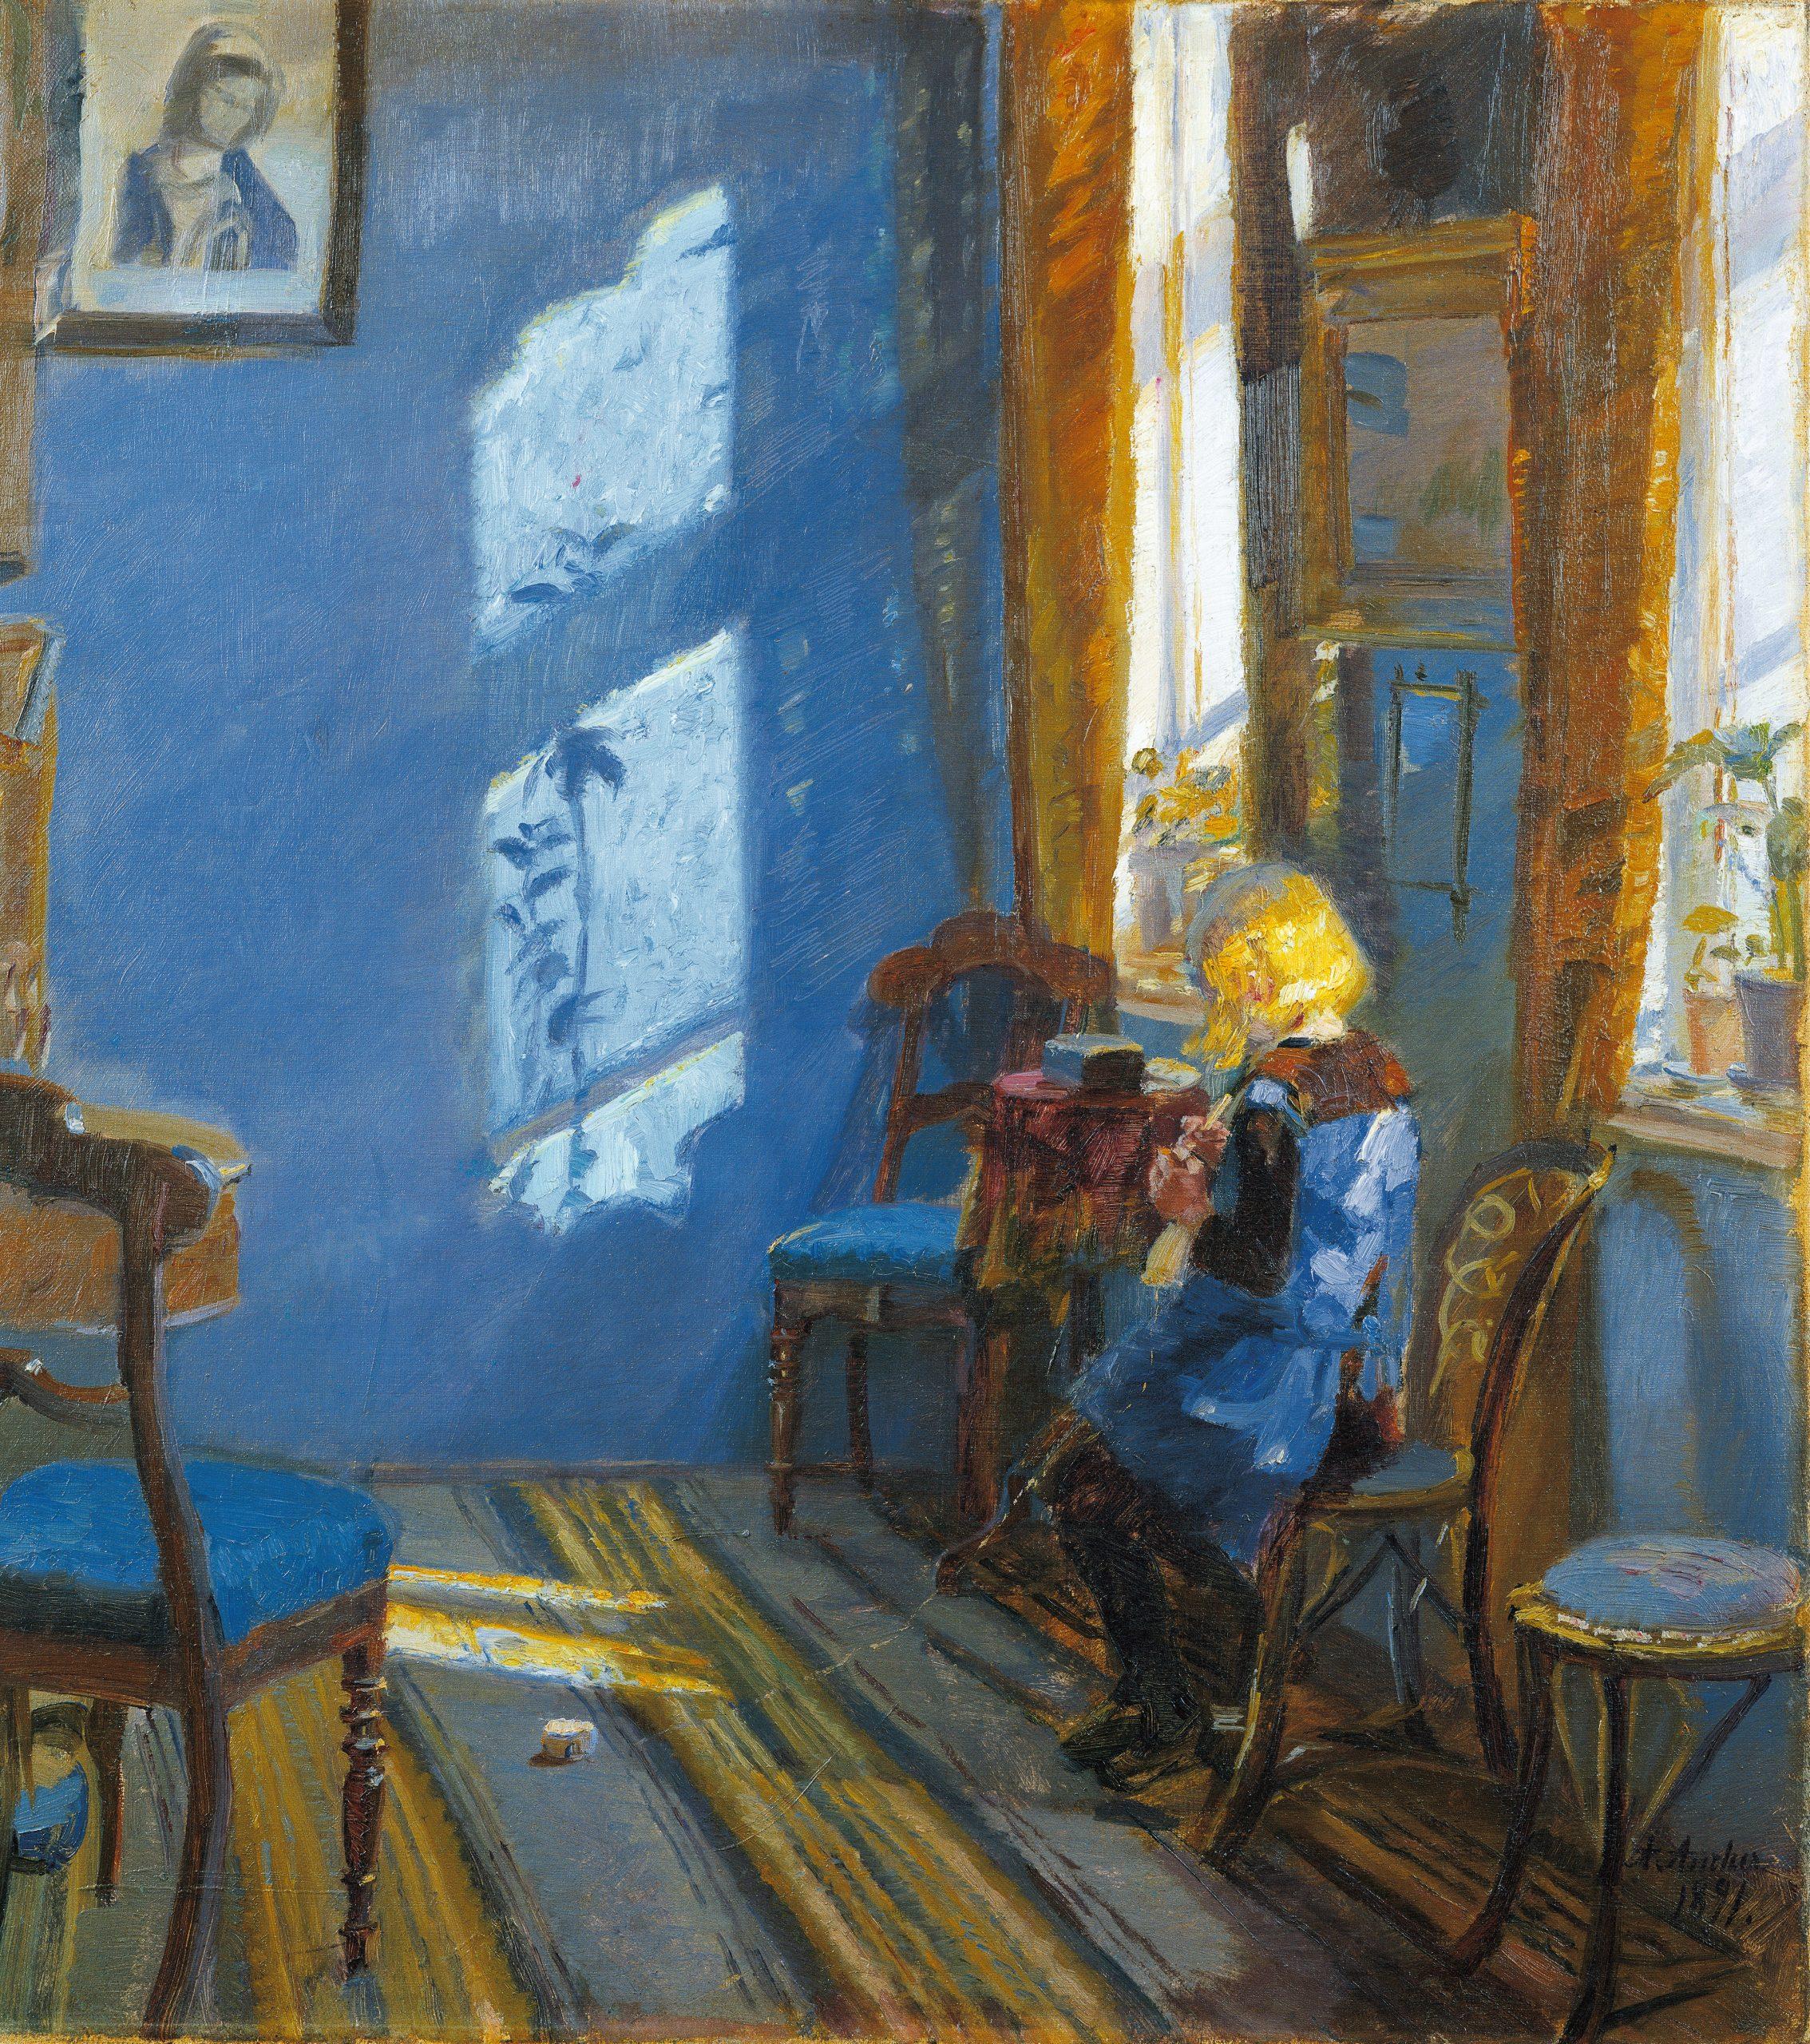 Maleri af Anna Ancher, Solskin i den blaa stue, Skagens Kunstmuseer